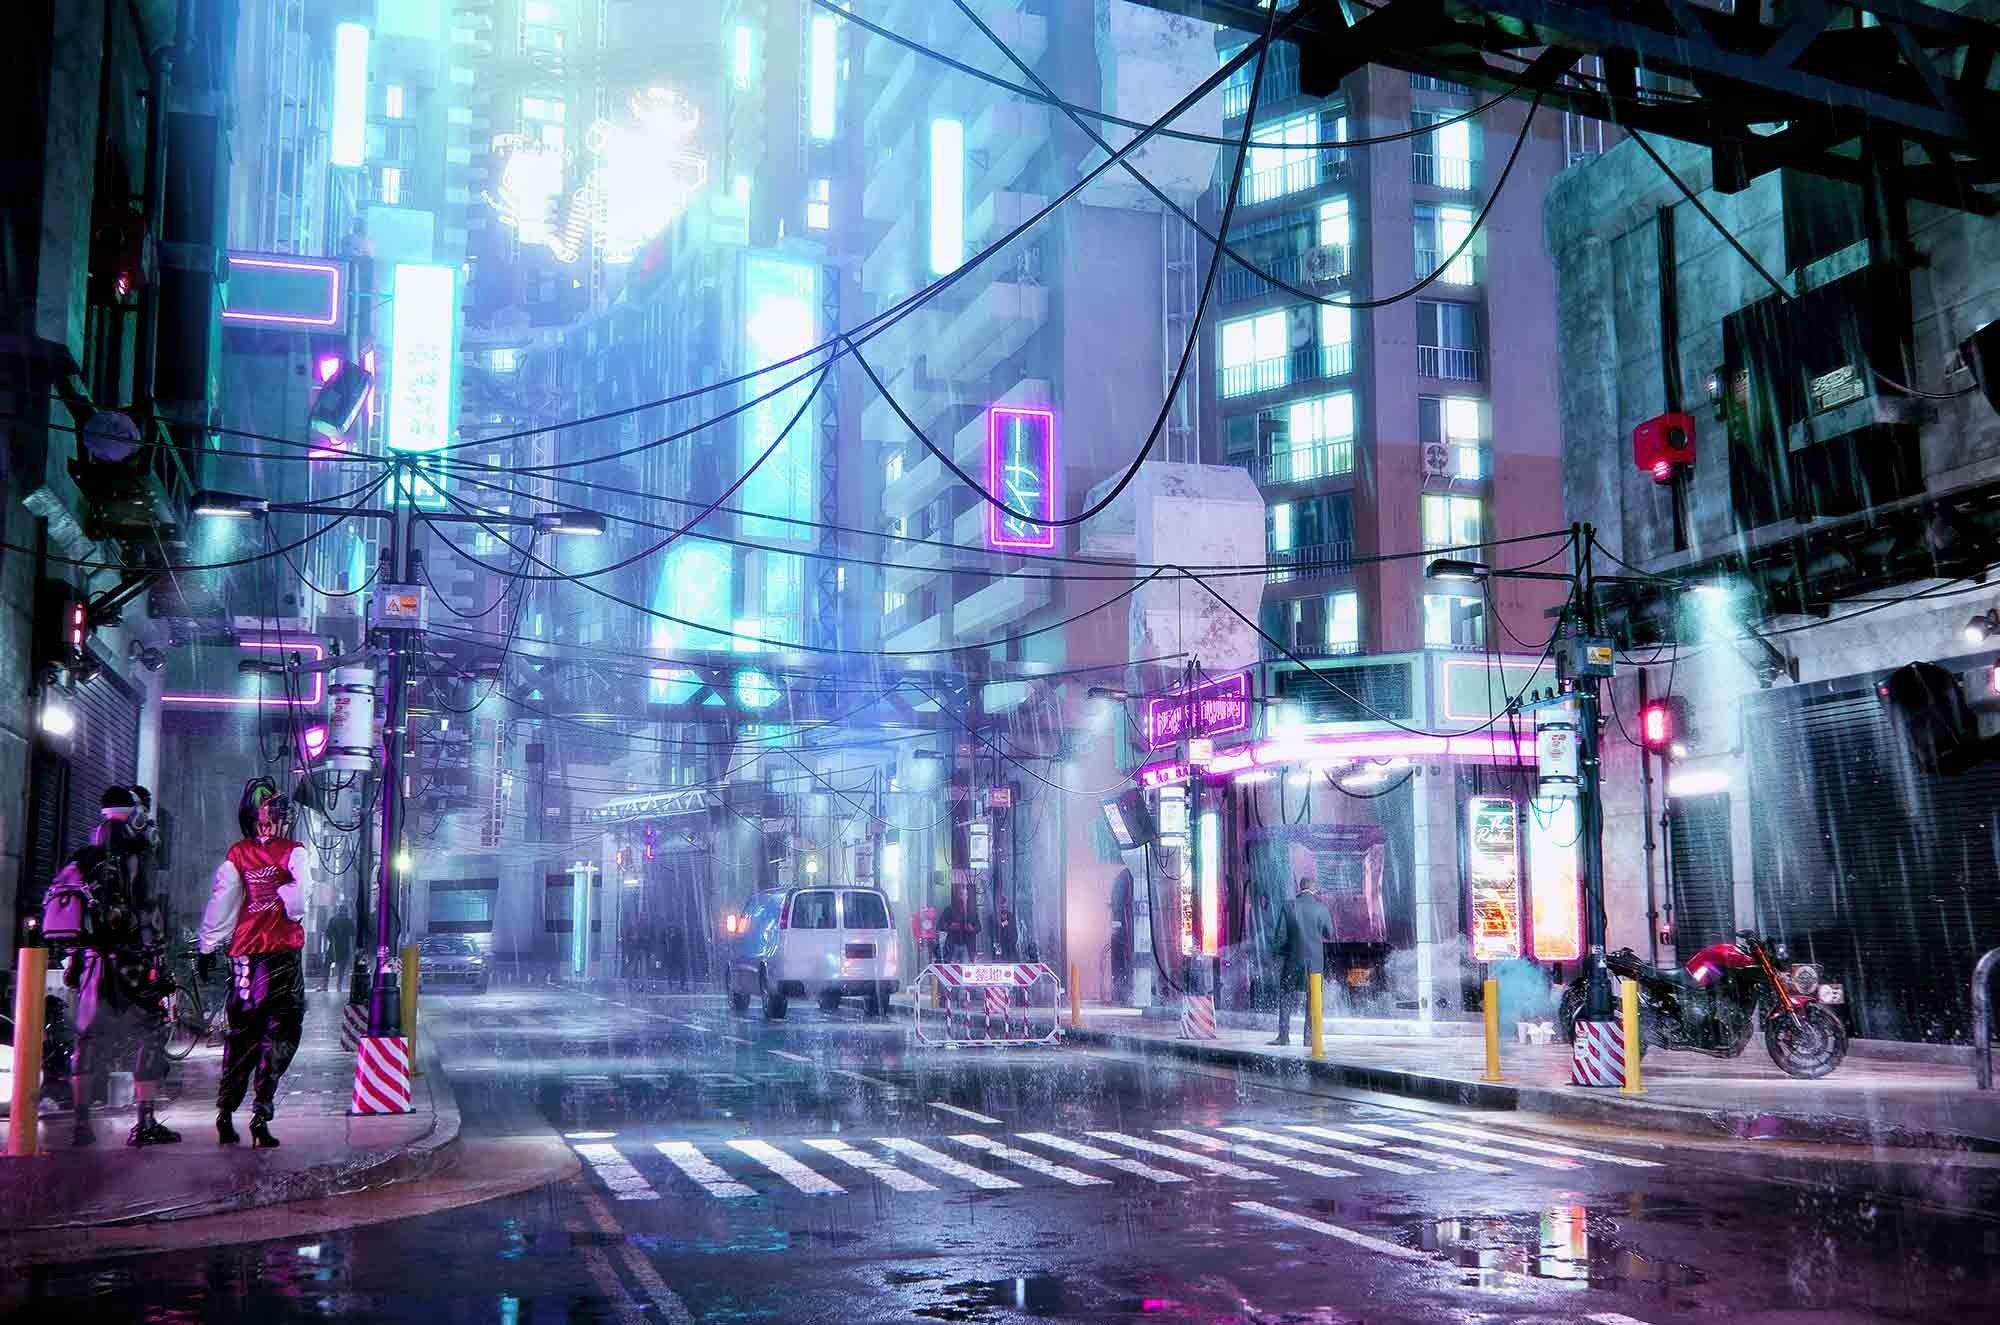 Cyberpunk_street_1_final_post